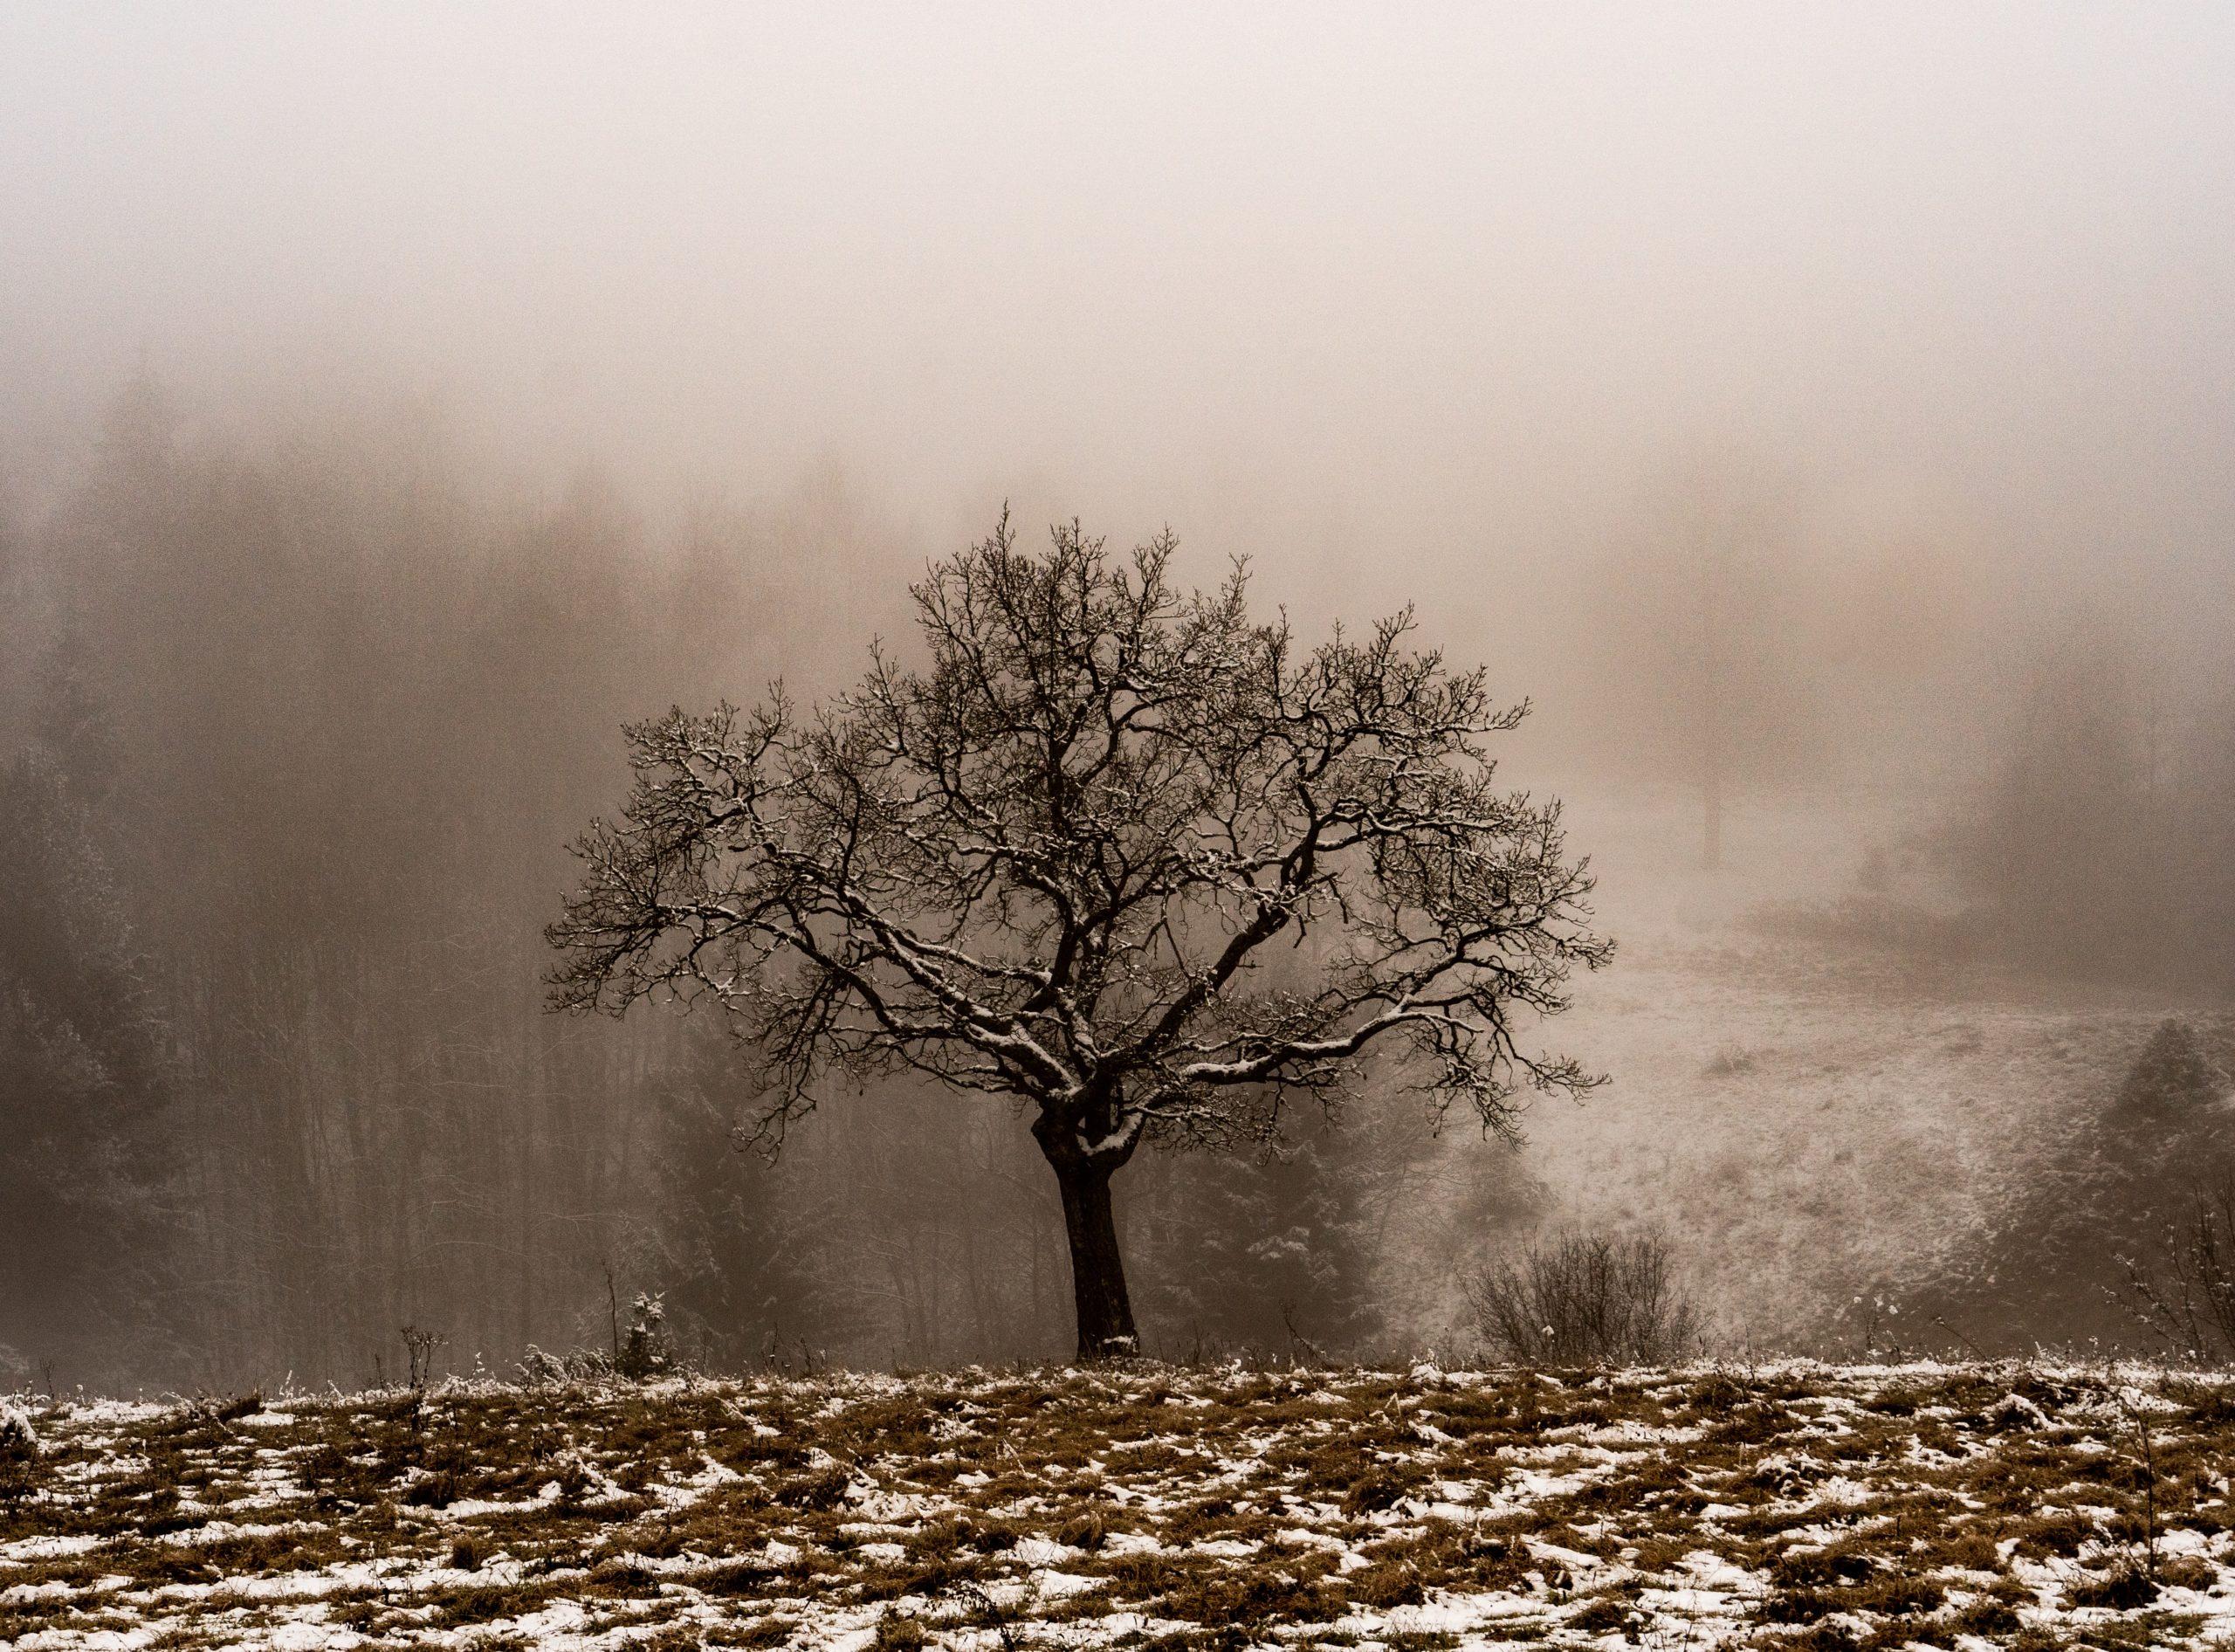 L'hiver phénologique : cinquième et dernière partie